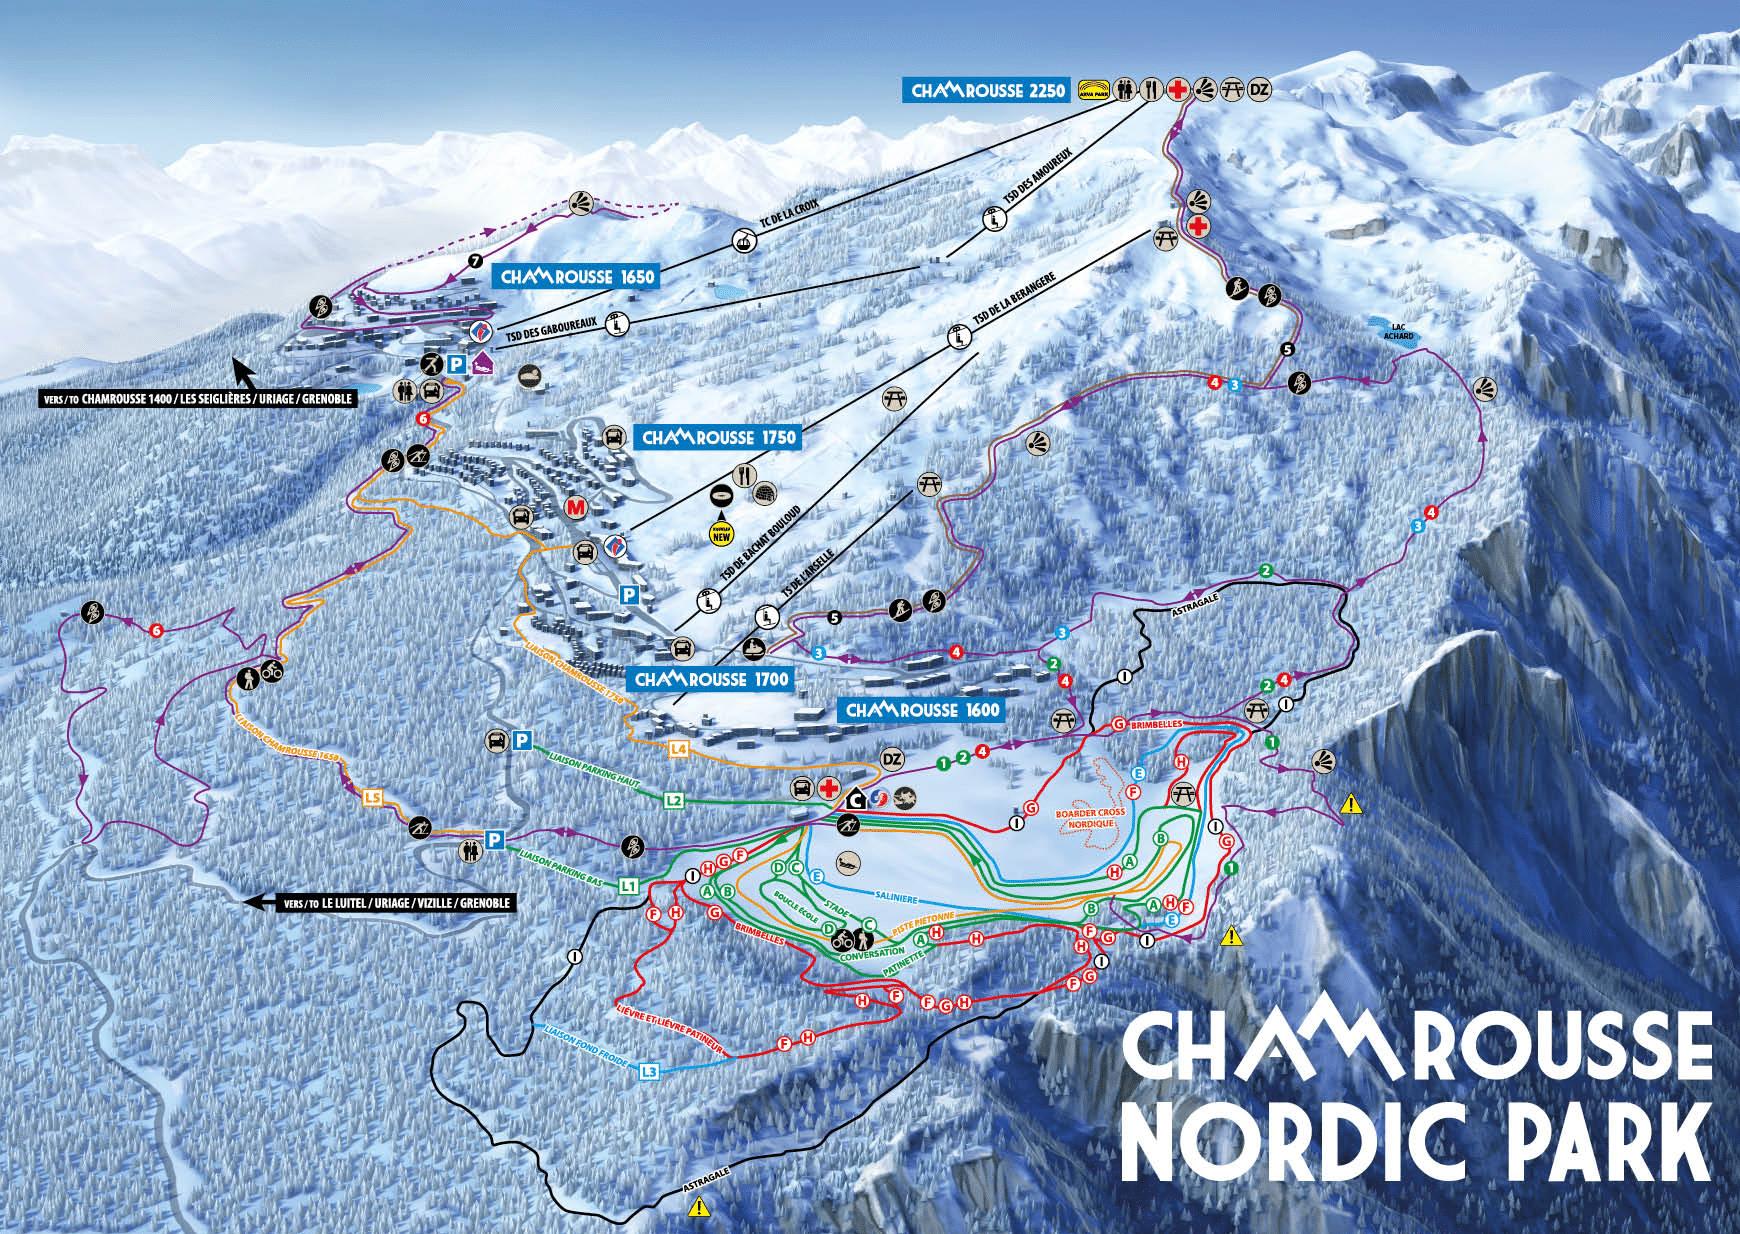 plan des pistes de ski de fond chamrousse